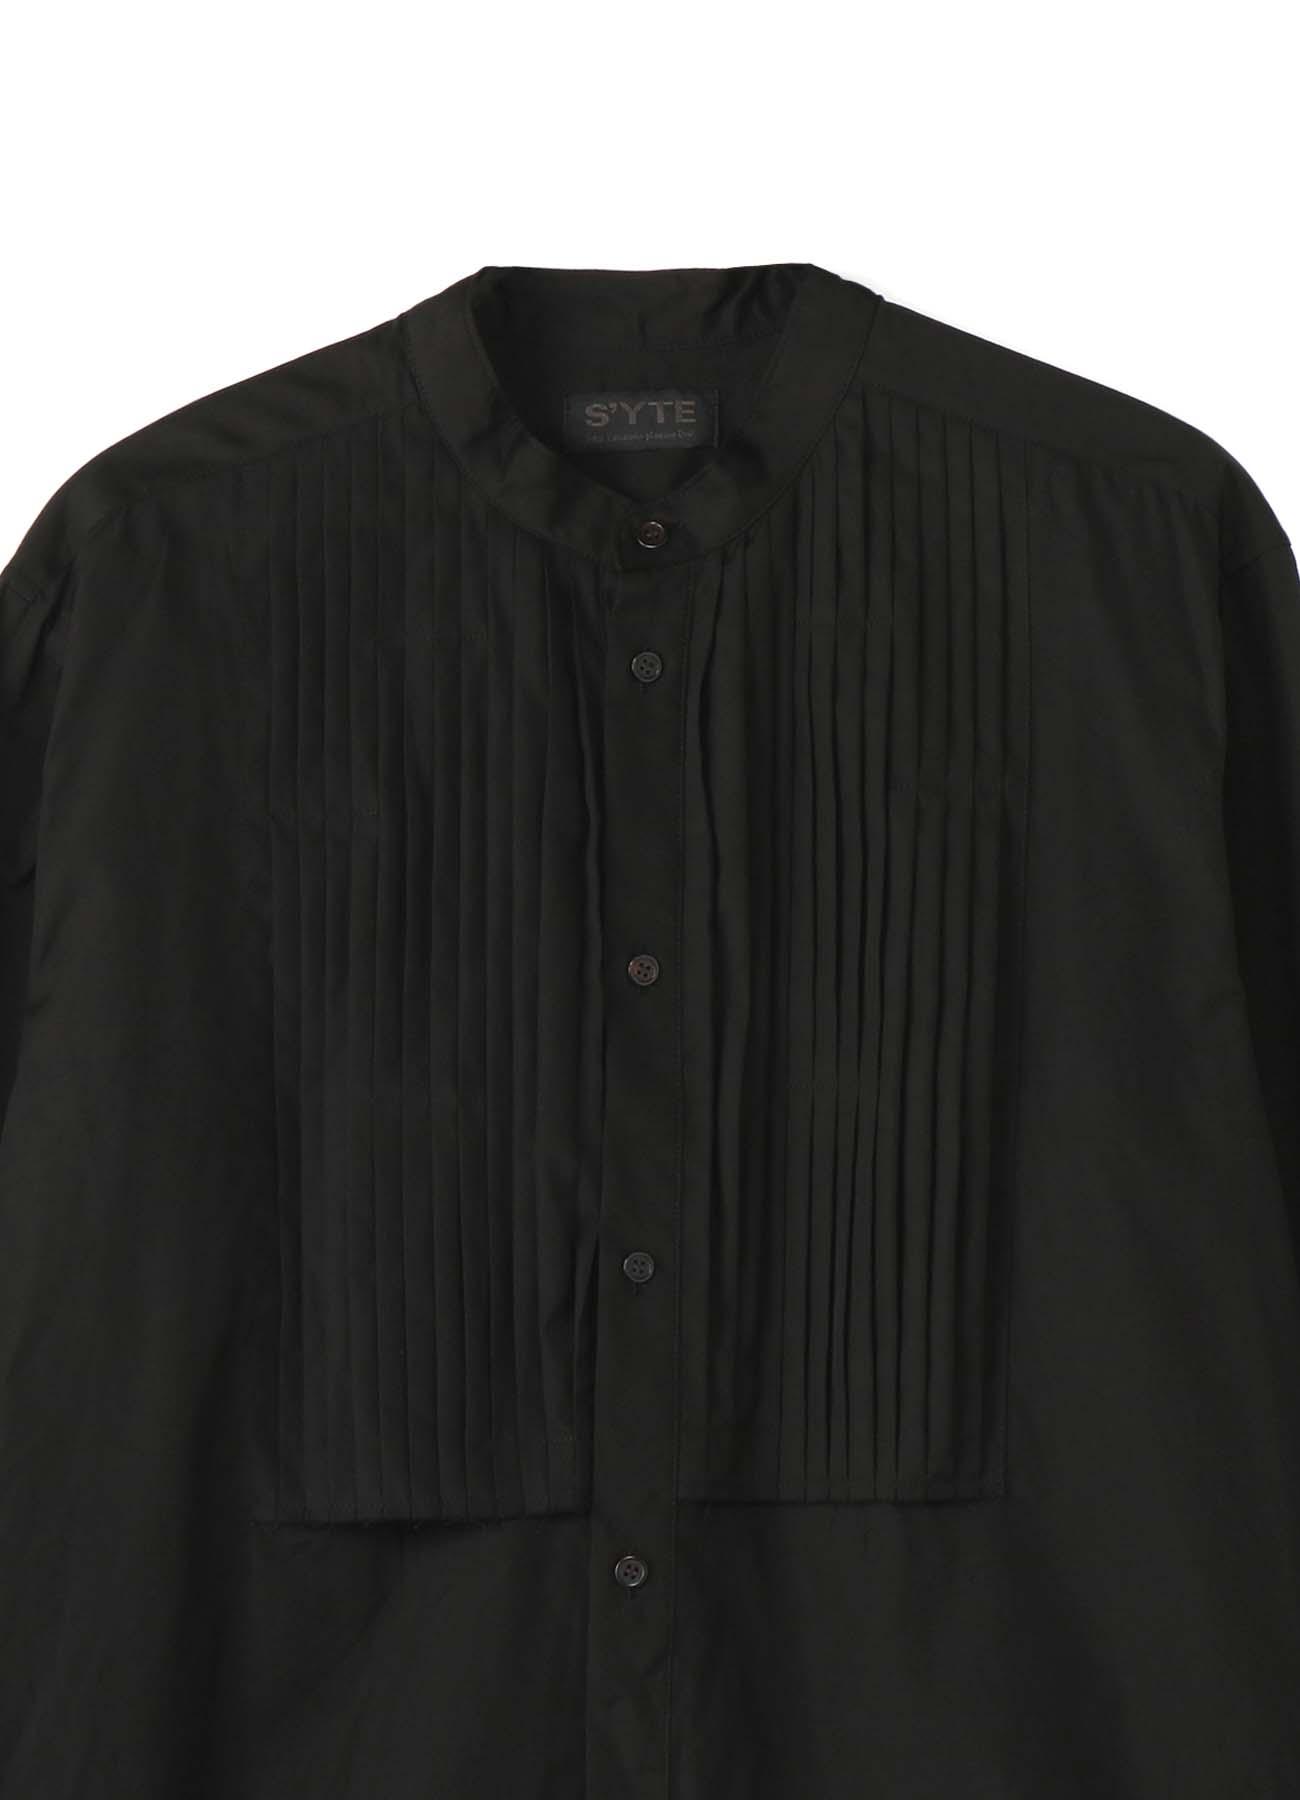 100/2 Broad Pin Tack Shirt